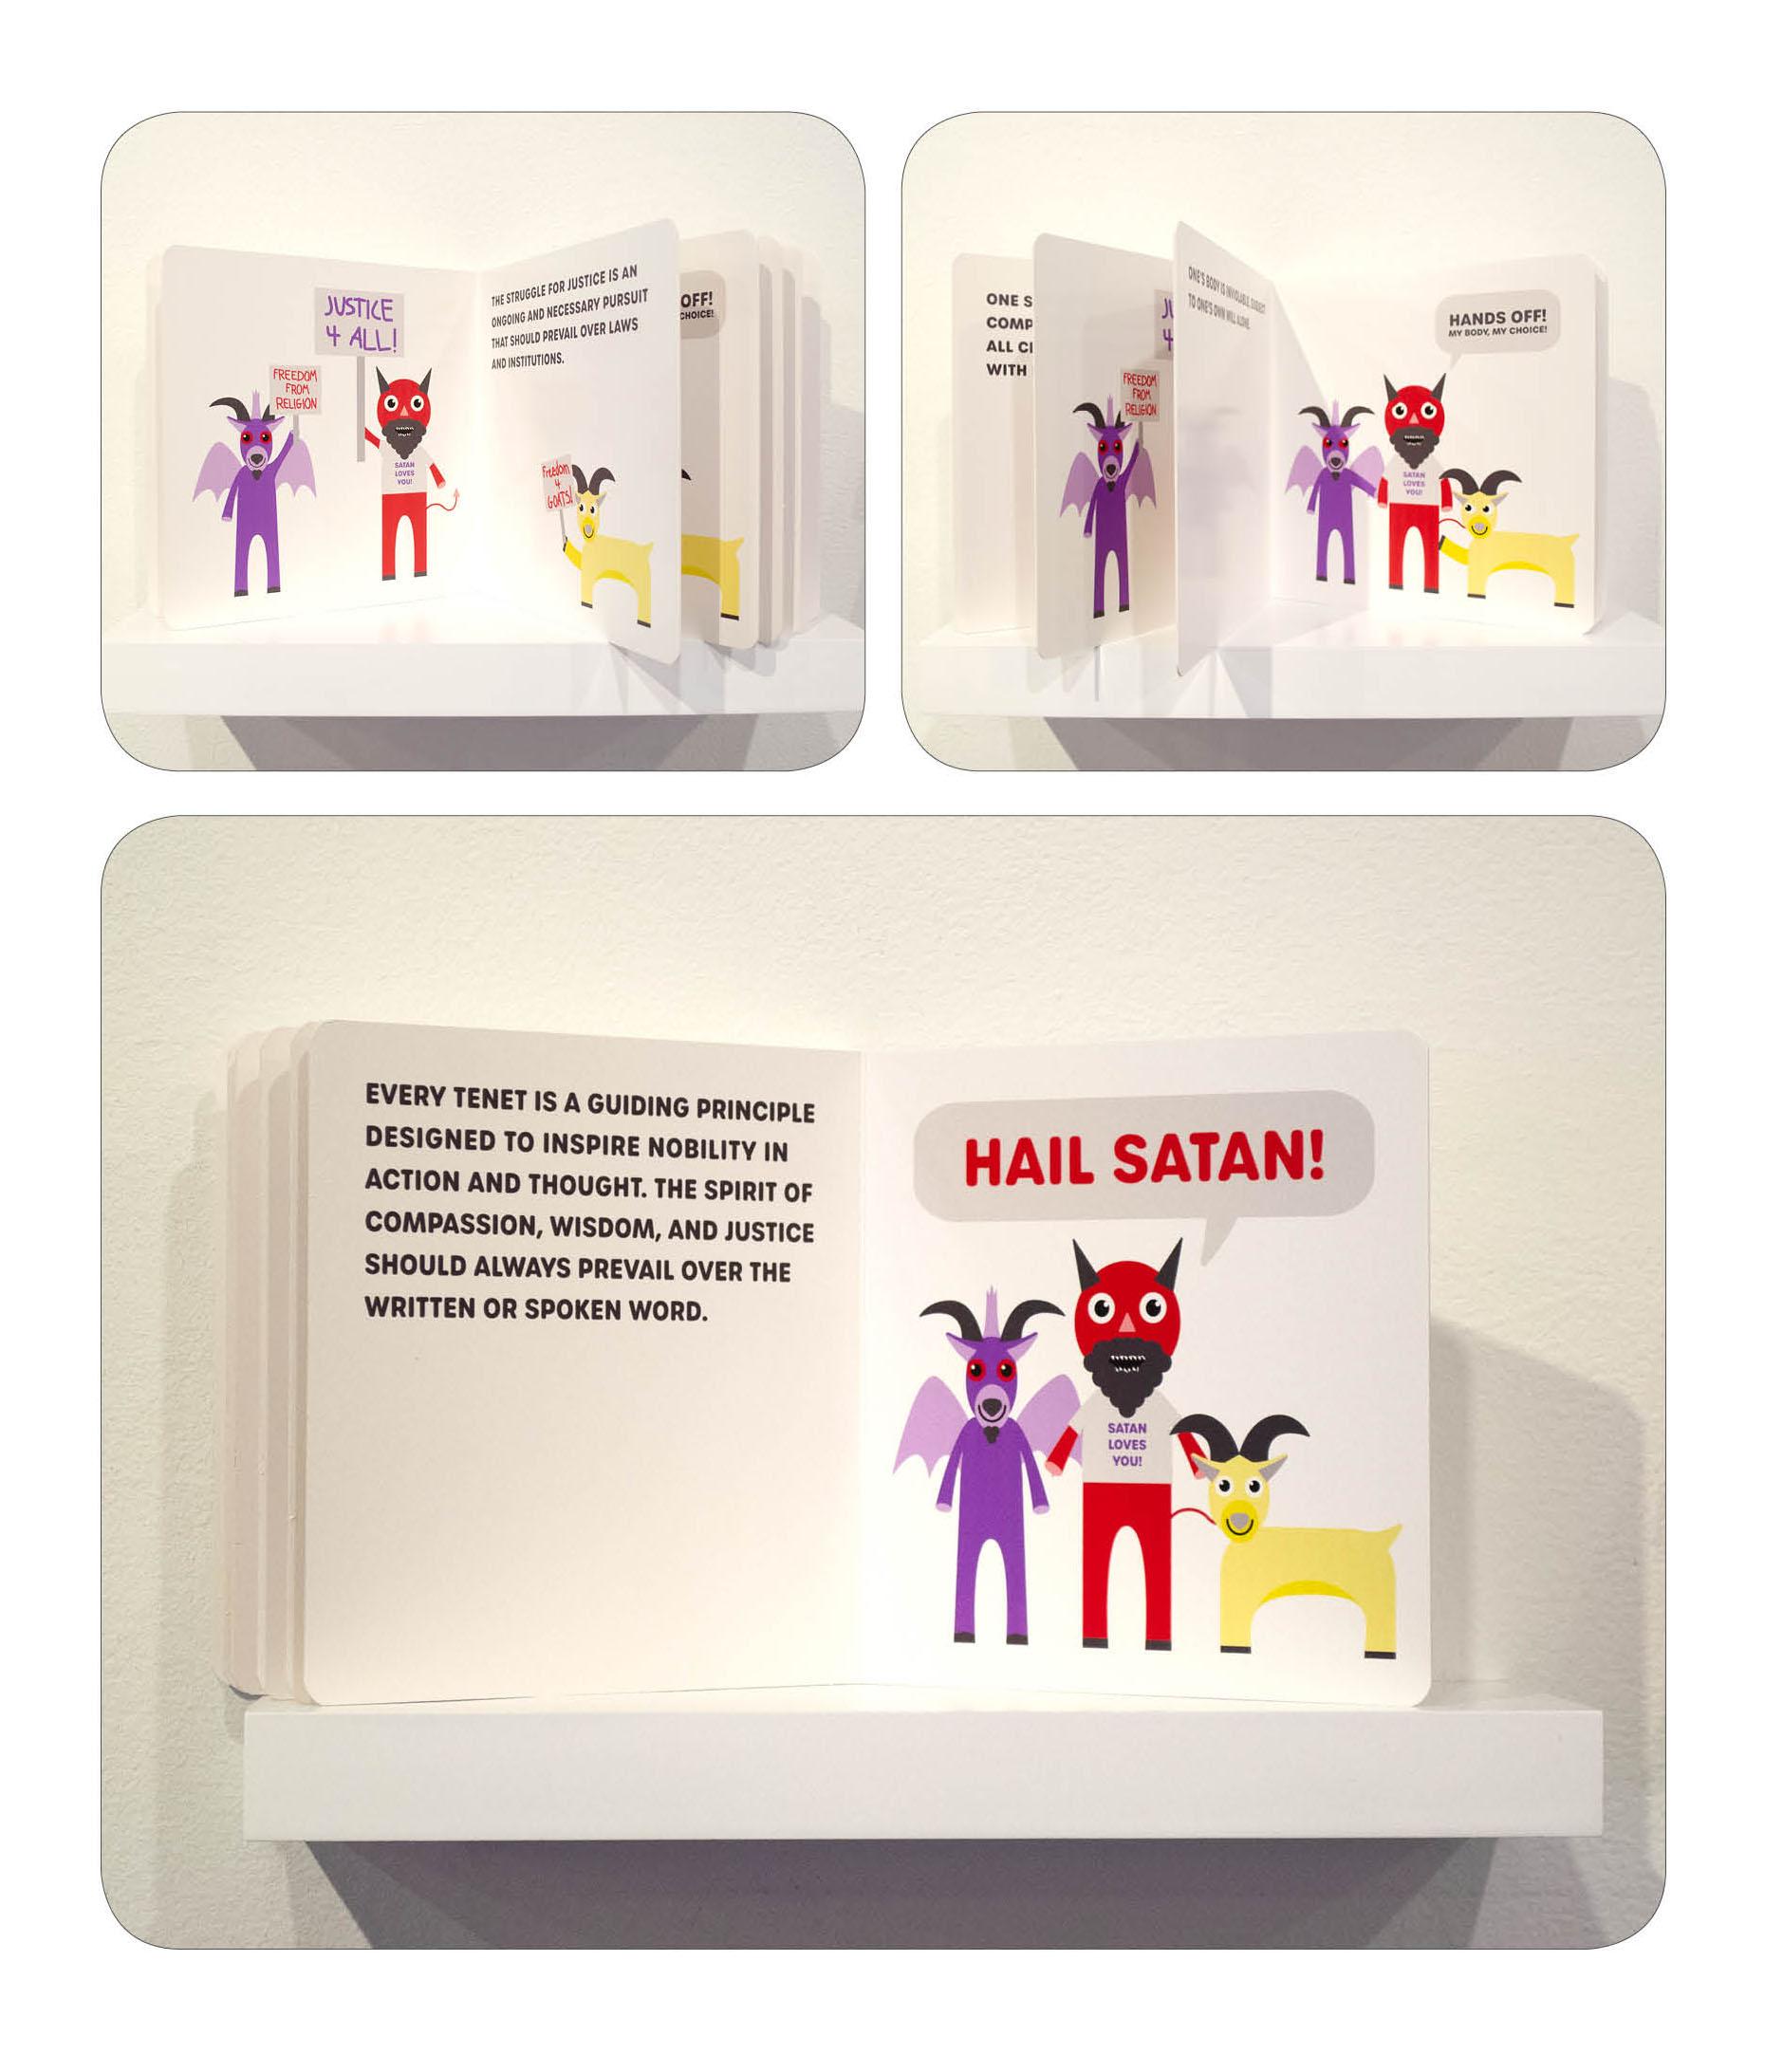 Board Book on display